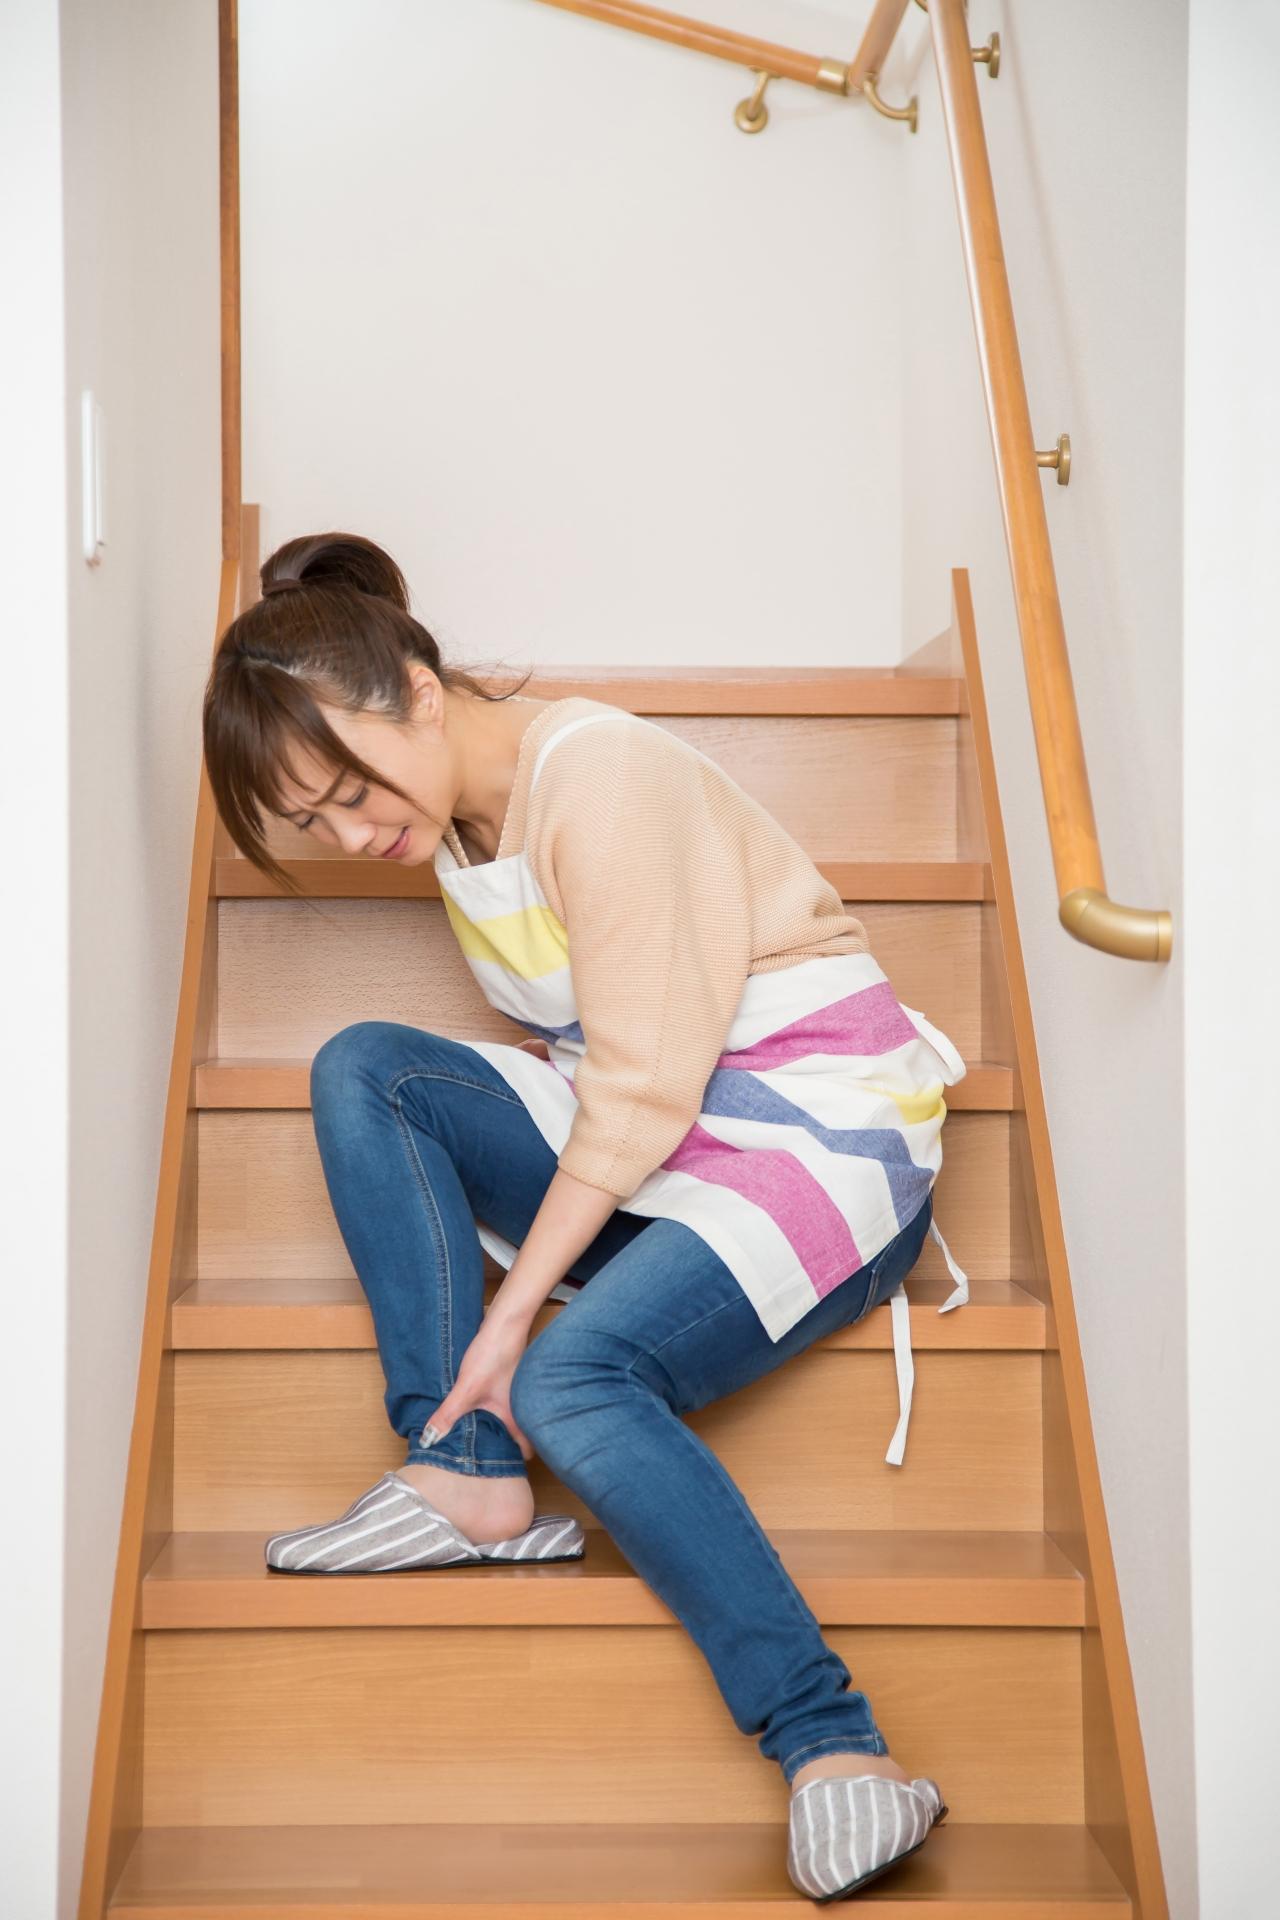 アキレス腱が痛い女性